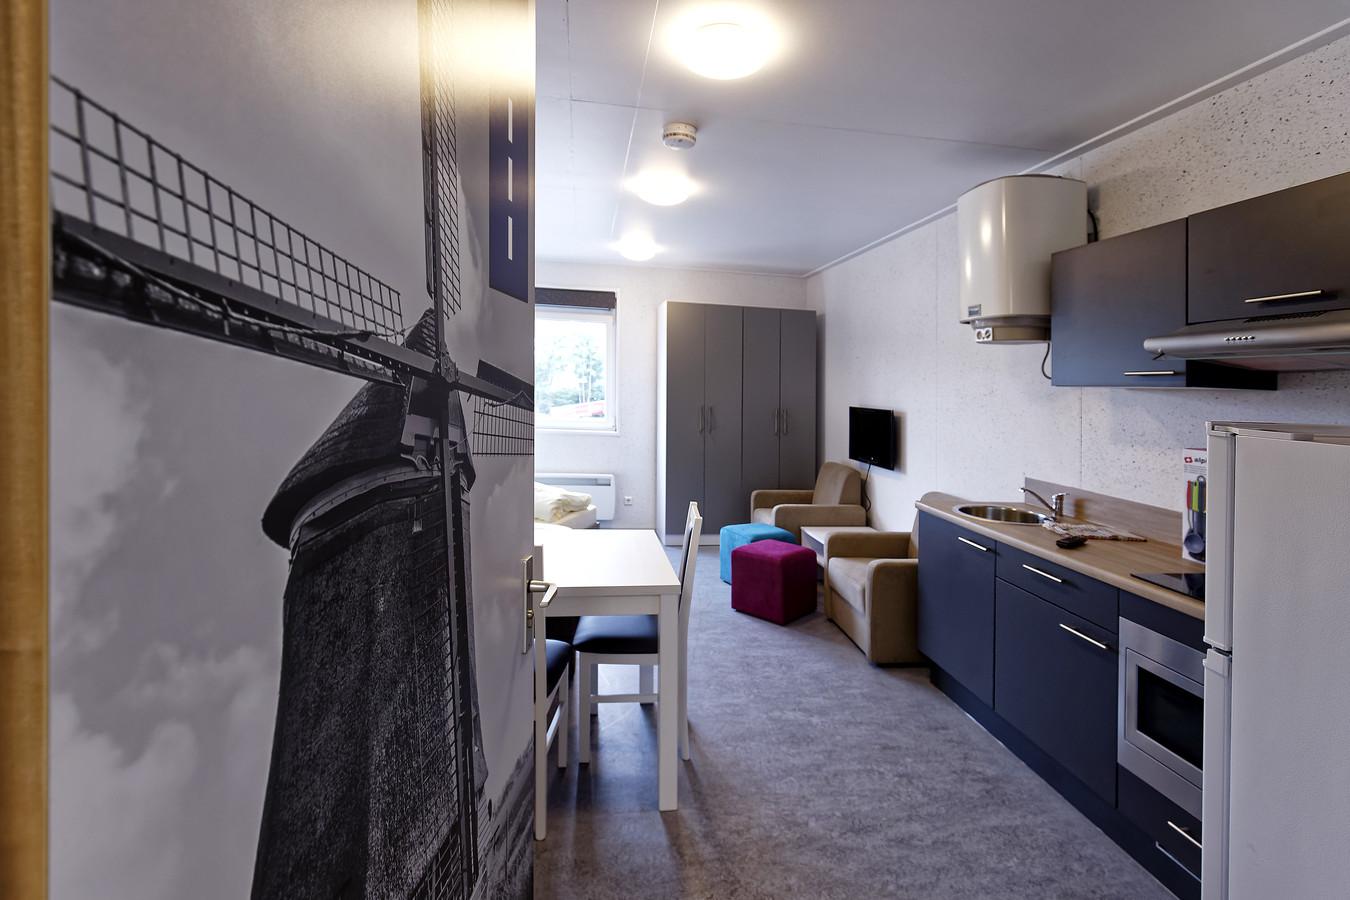 Een voorbeeld van een woonruimte voor arbeidsmigranten.